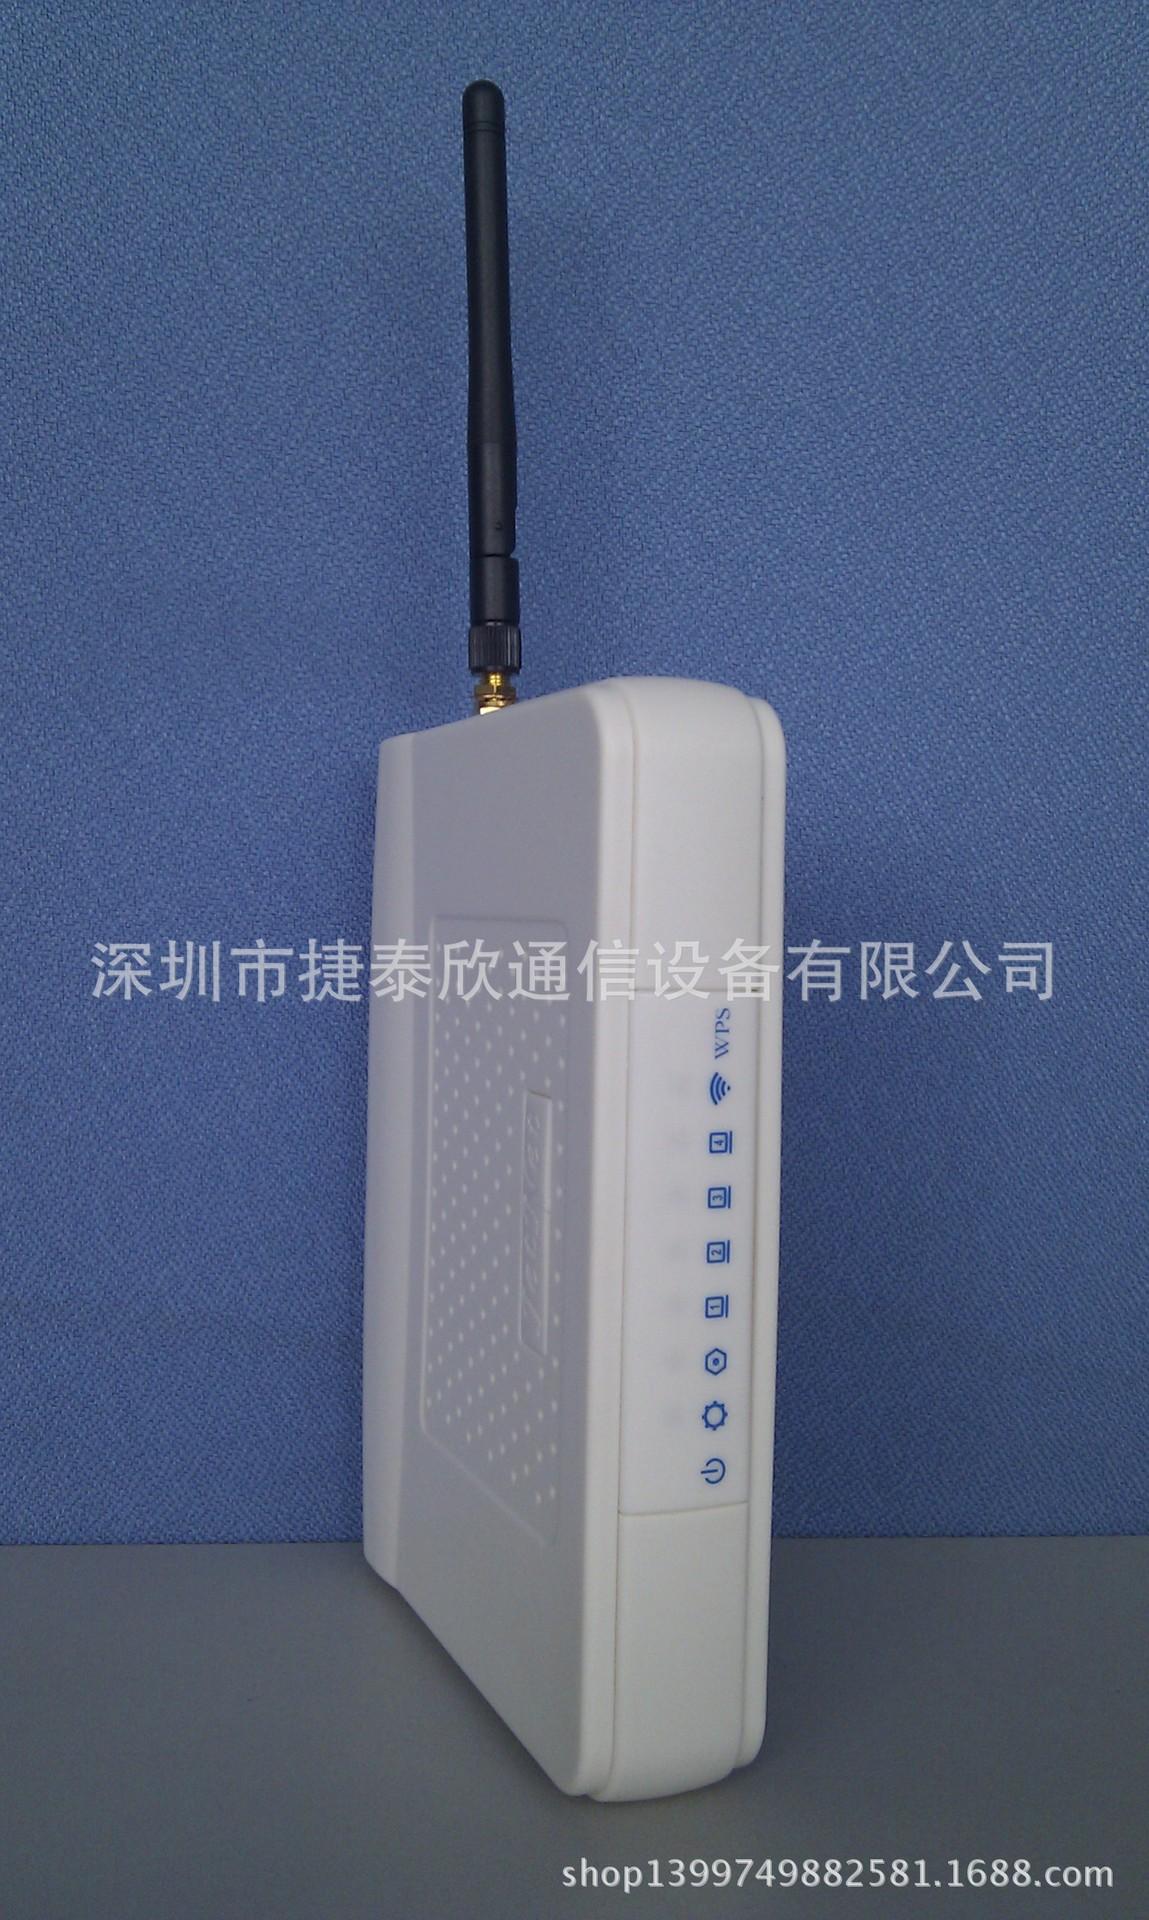 3年质保特价促销广电专用EOC终端 JETSON